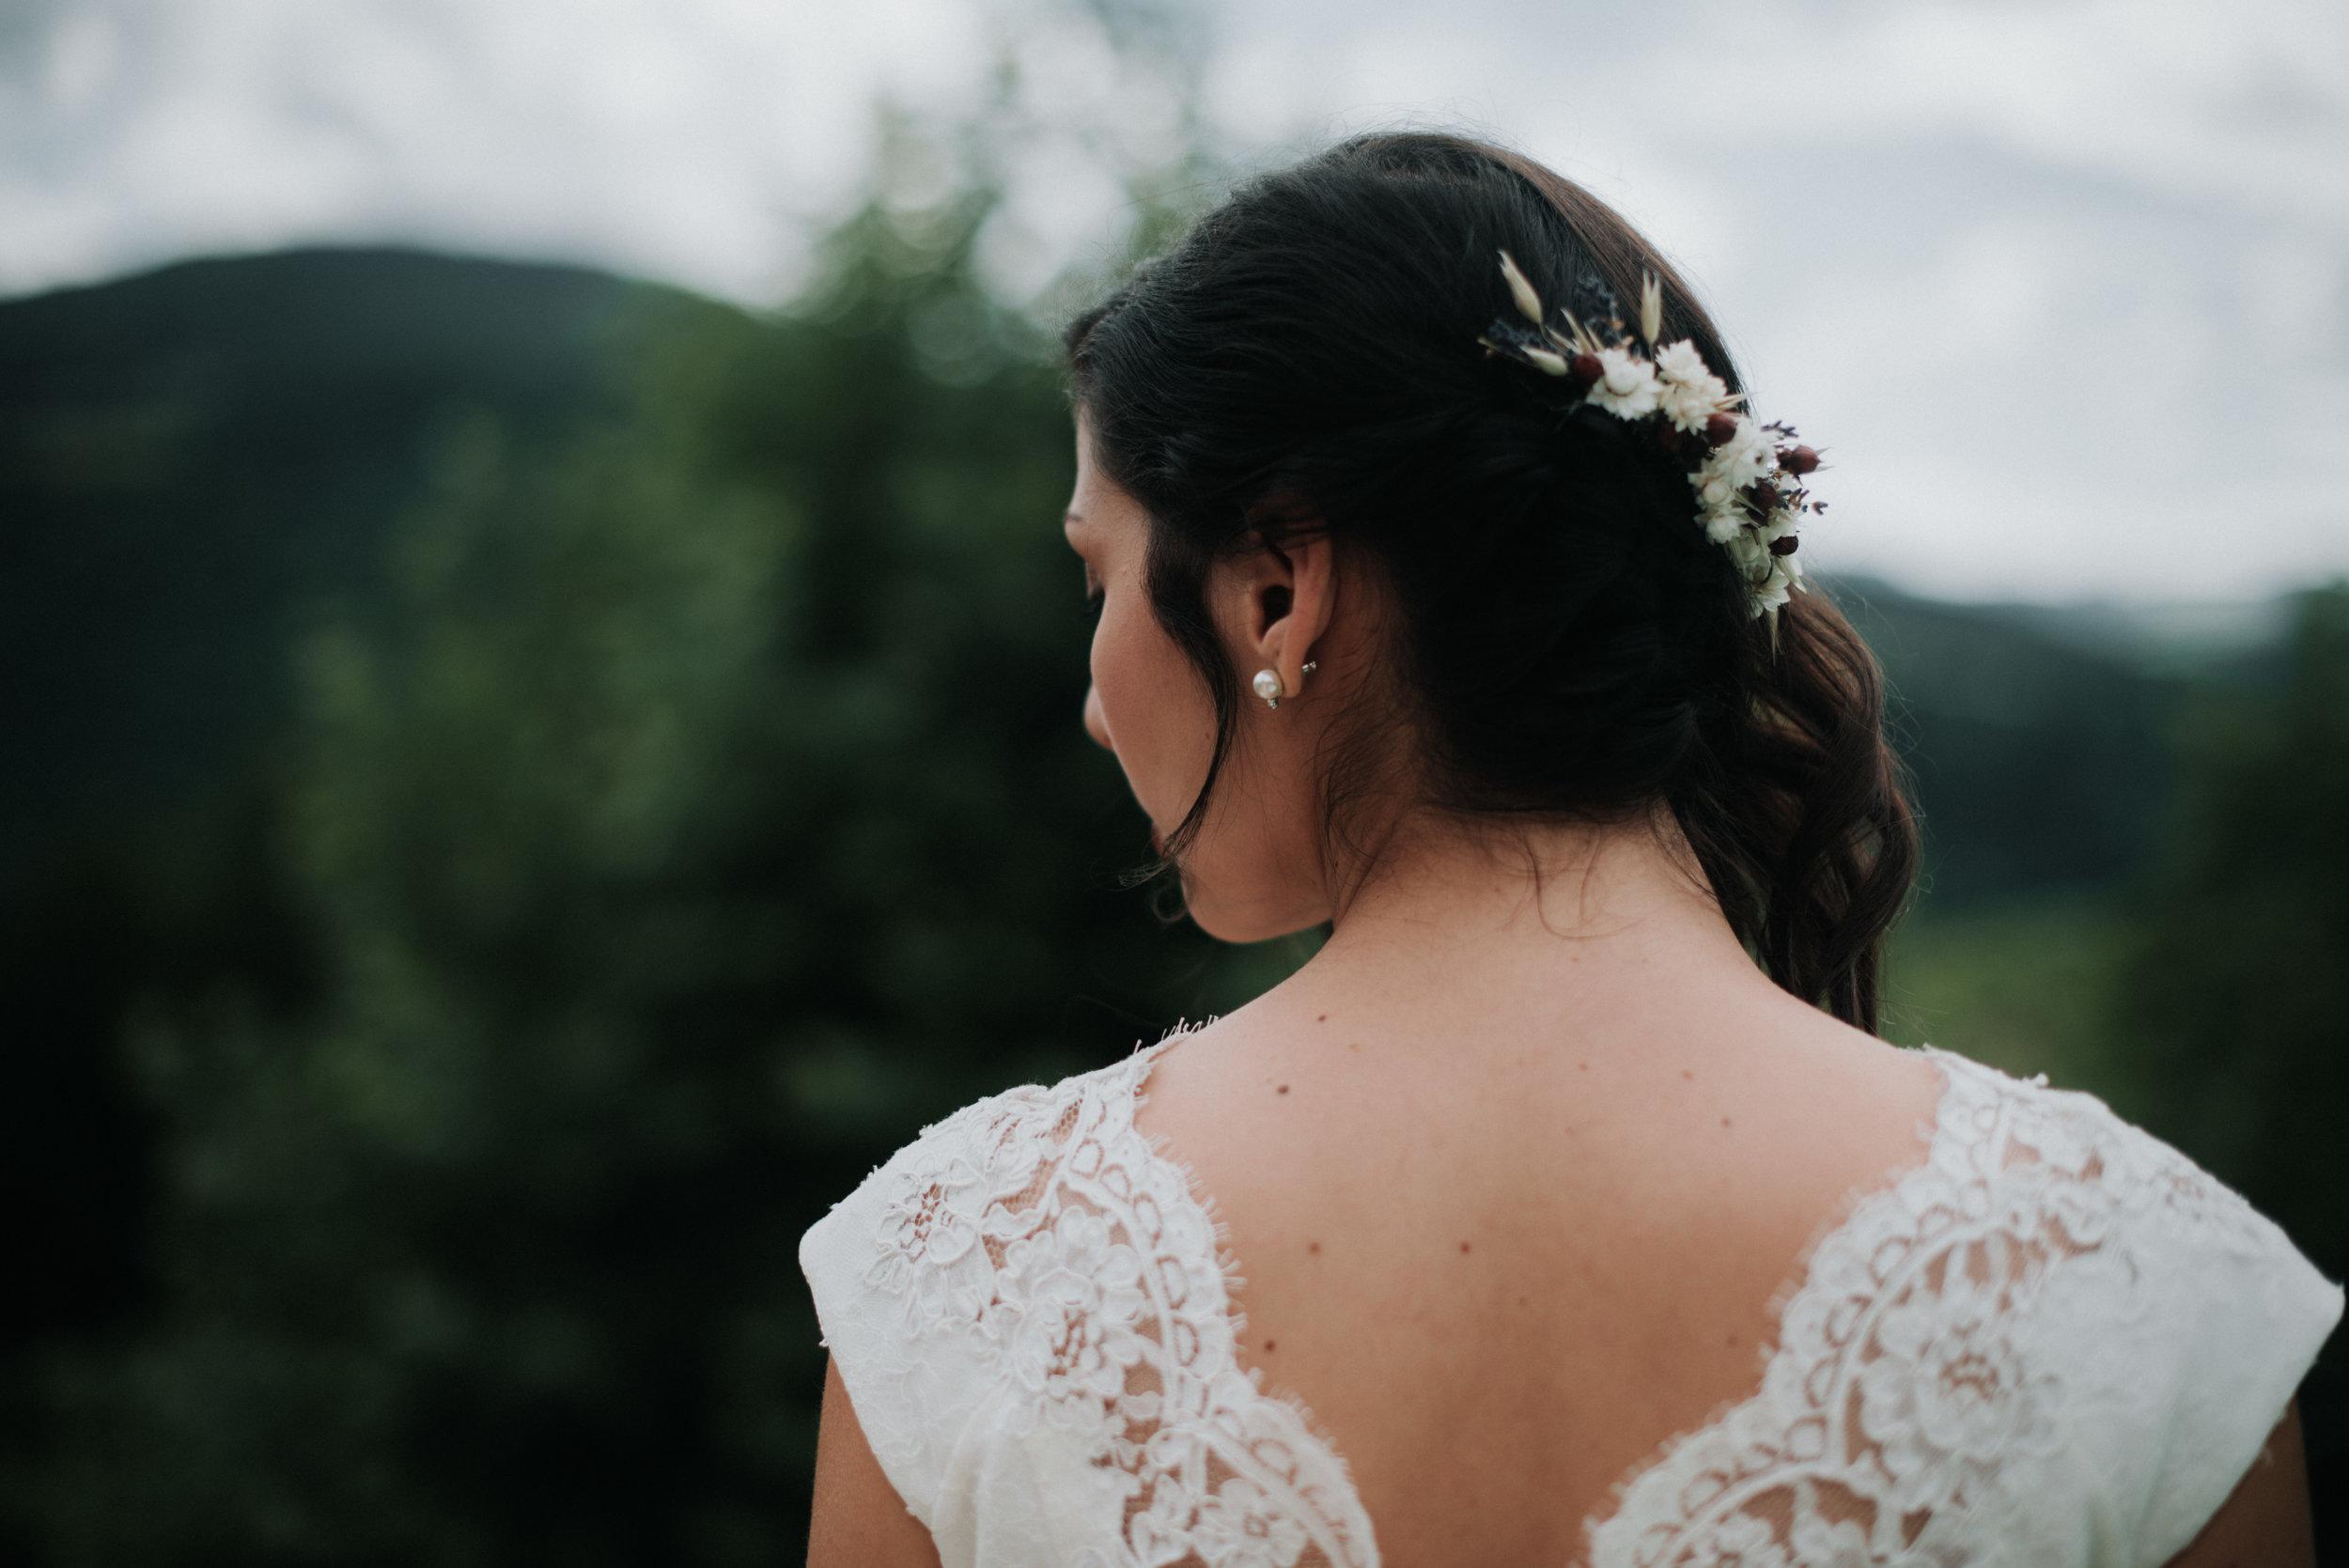 Léa-Fery-photographe-professionnel-lyon-rhone-alpes-portrait-creation-mariage-evenement-evenementiel-famille-8636.jpg